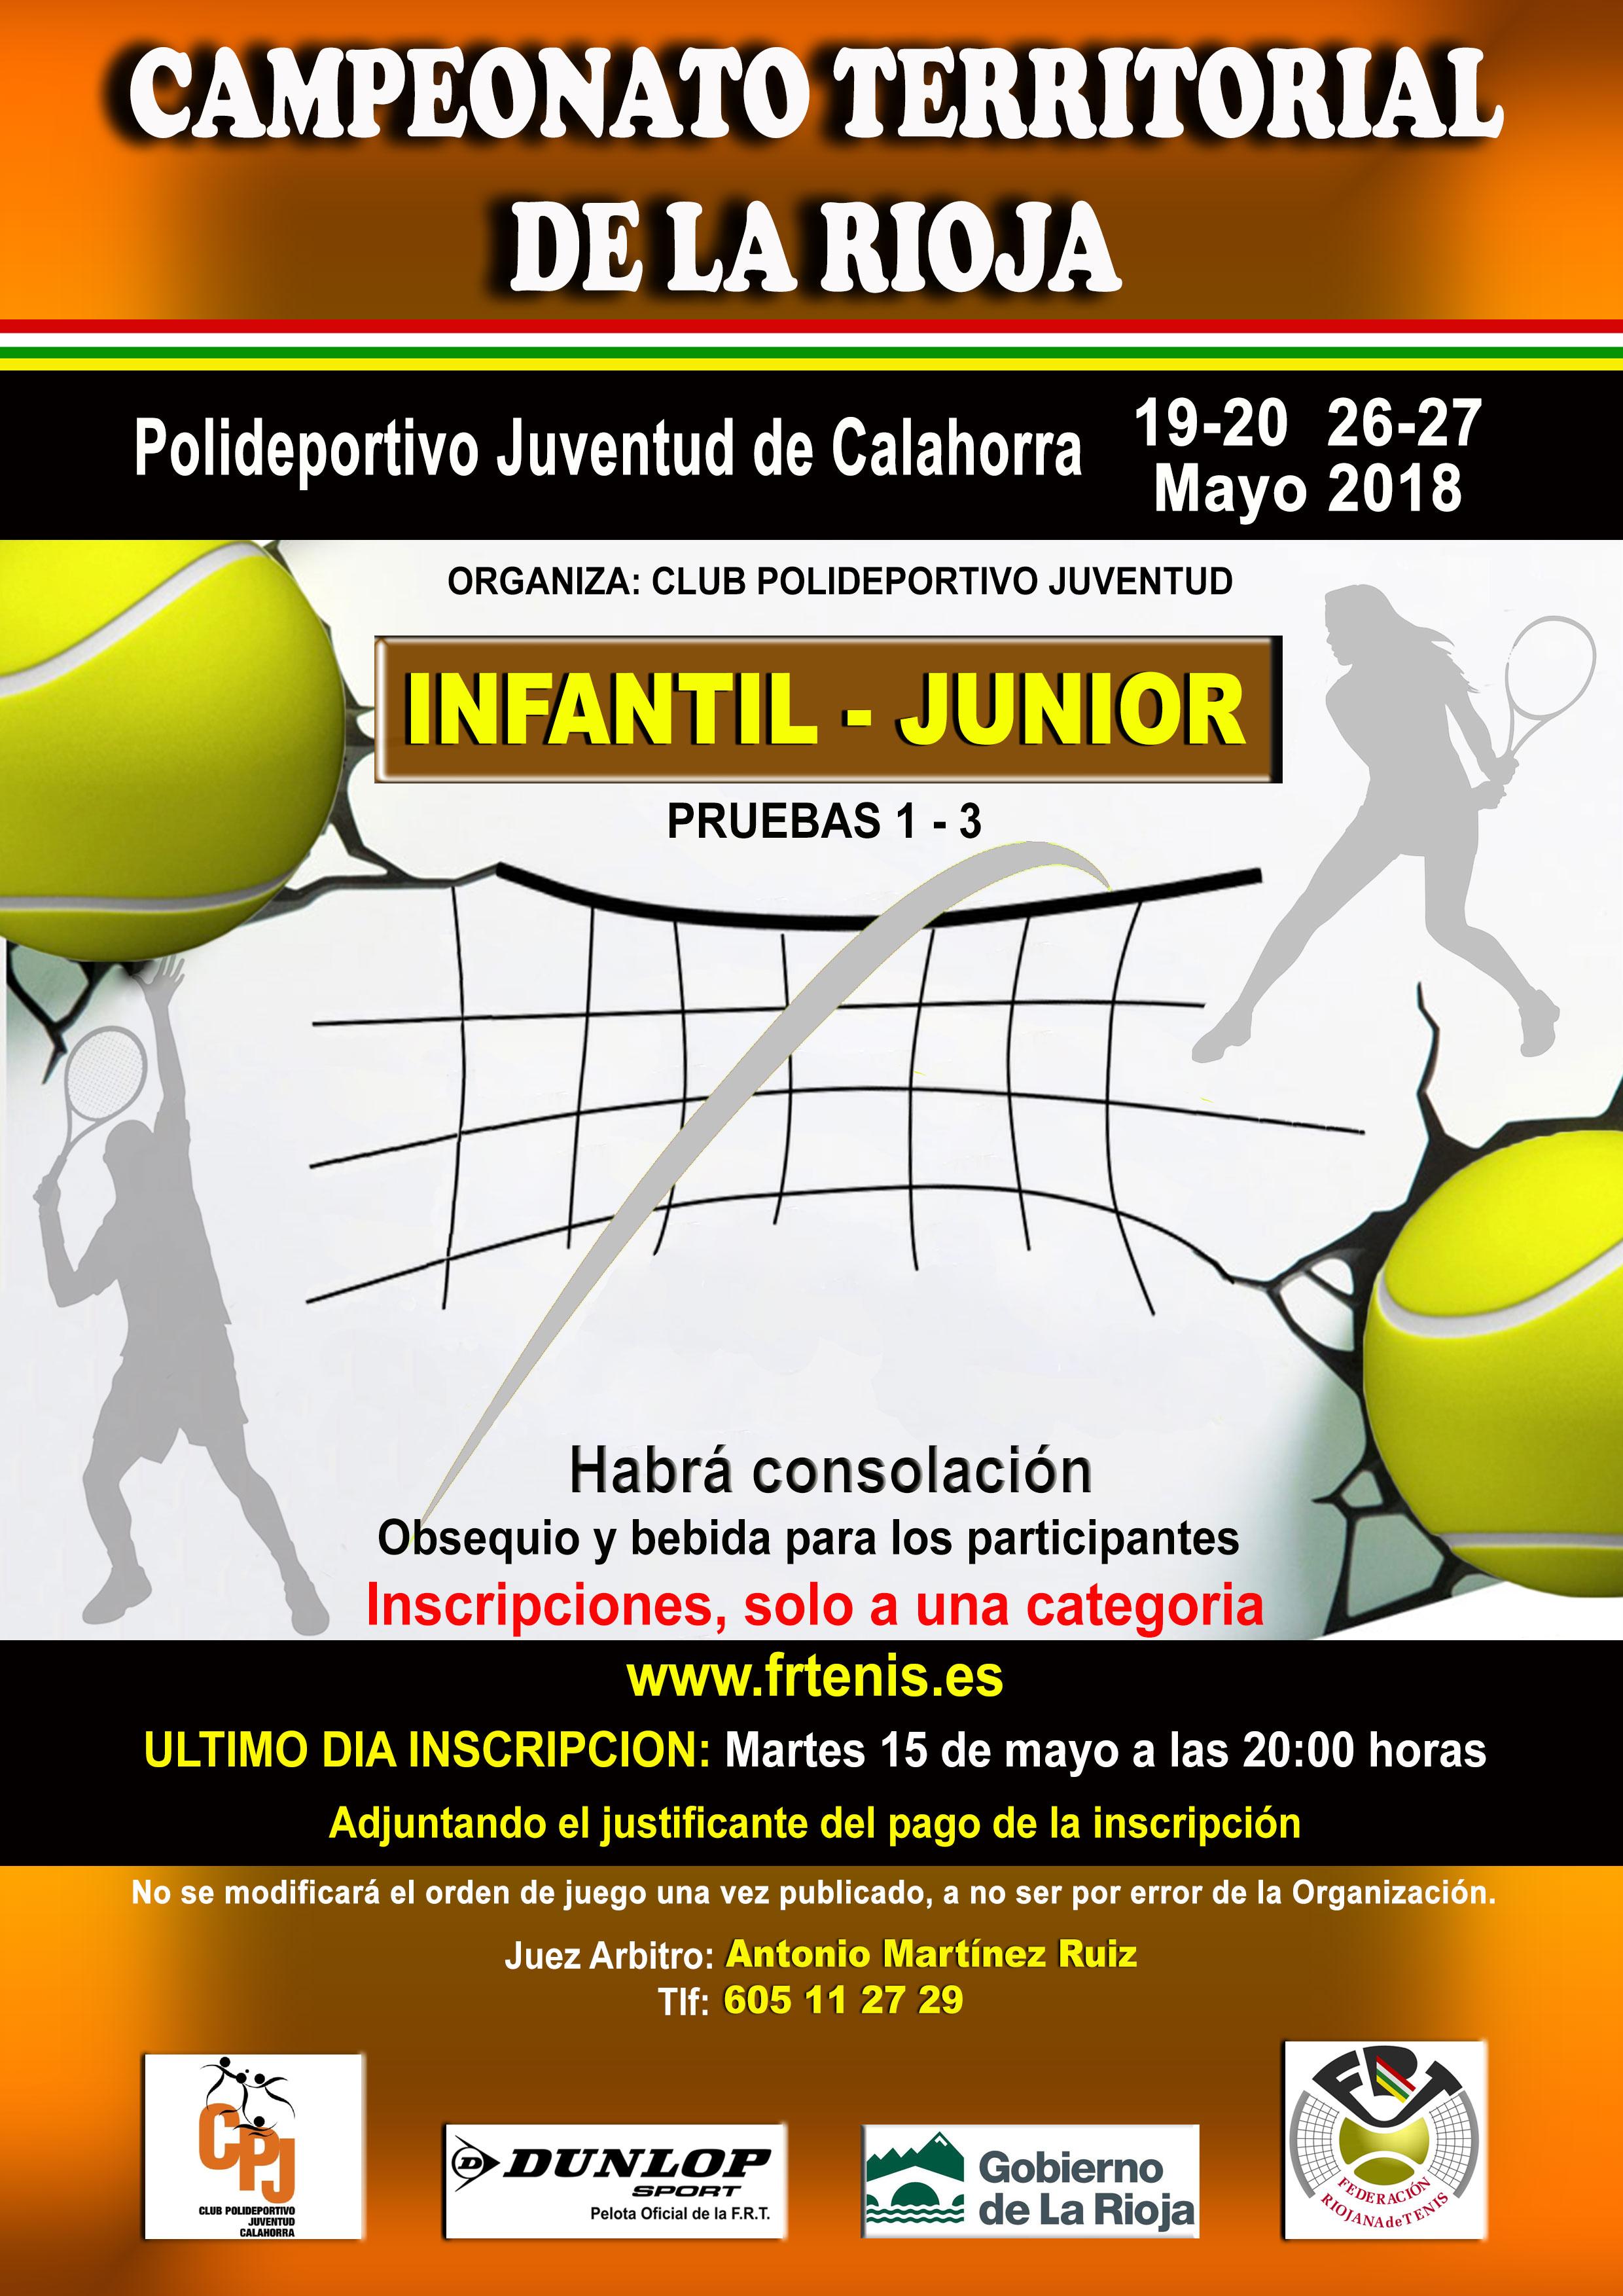 CAMPEONATO TERRITORIAL DE LA RIOJA INFANTIL Y JUNIOR